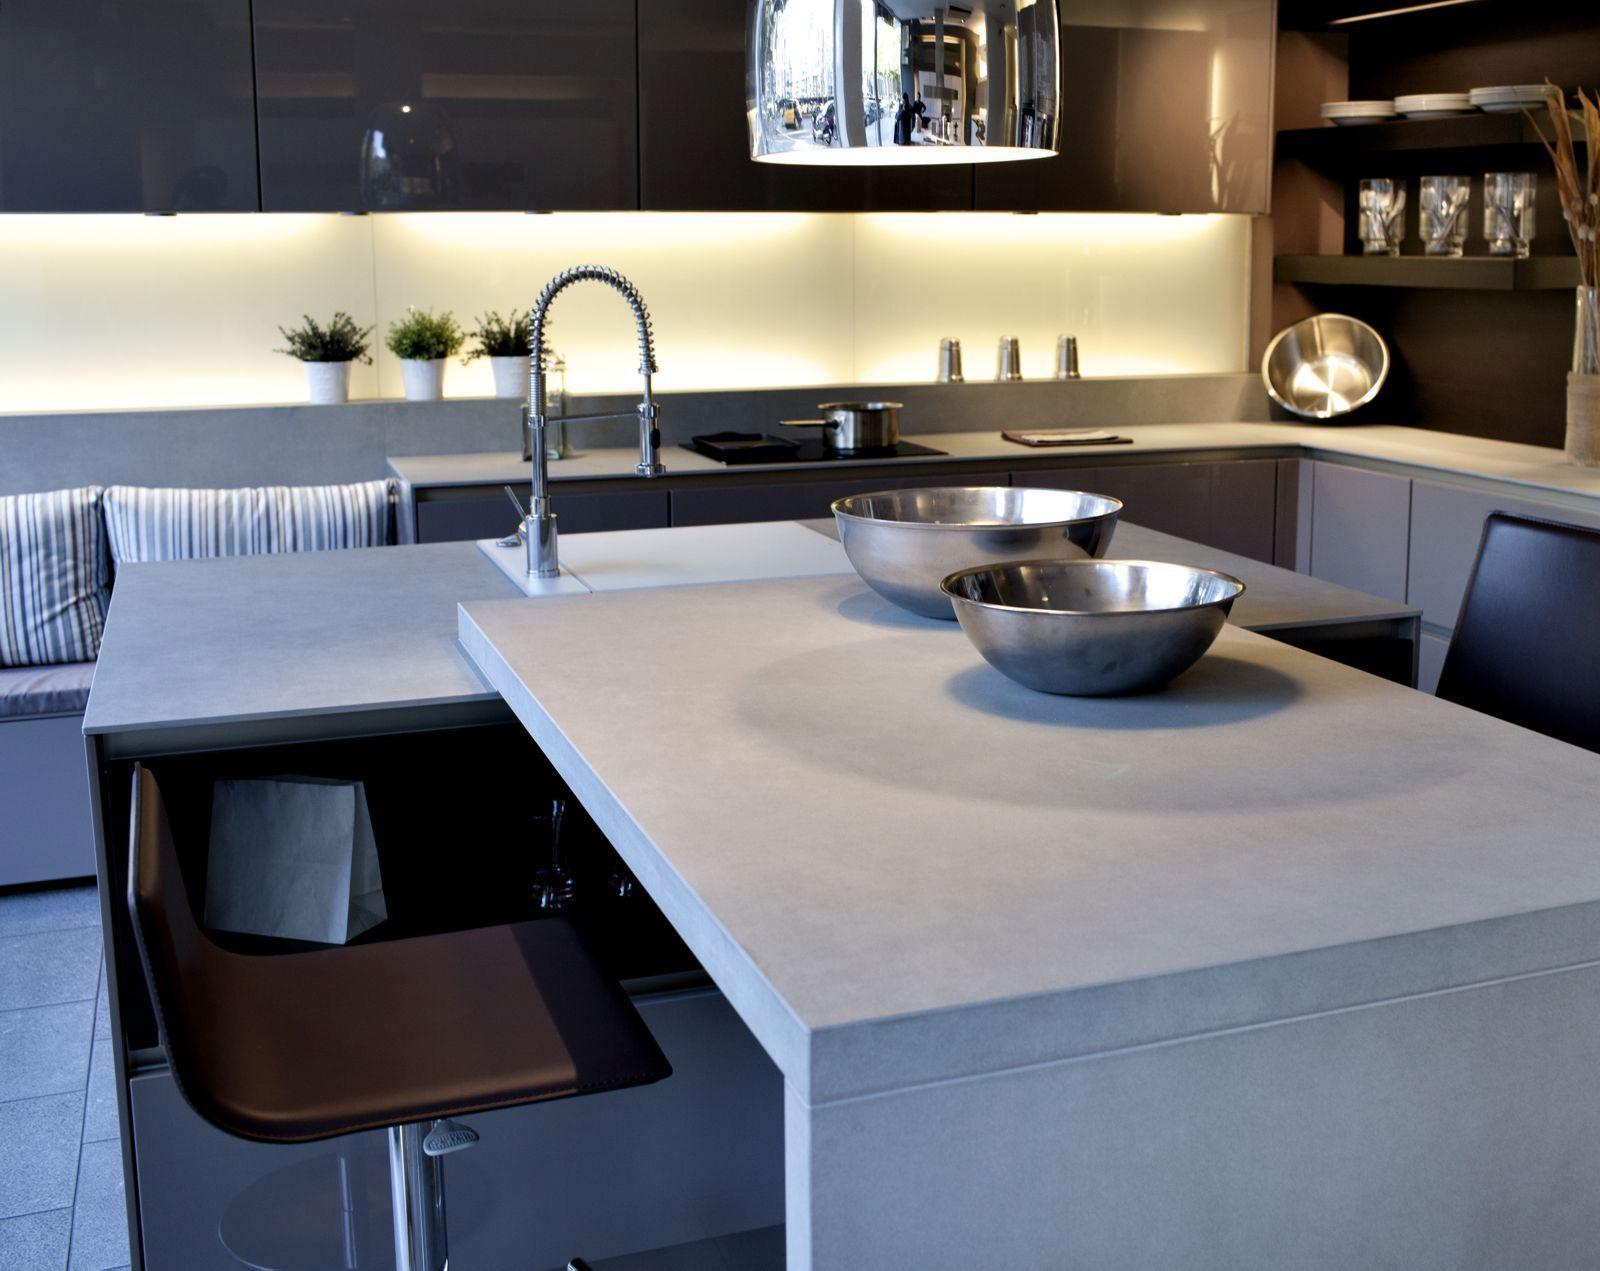 Cocina 52 cocinas capis dise o y fabricaci n de cocinas for Configurador cocinas